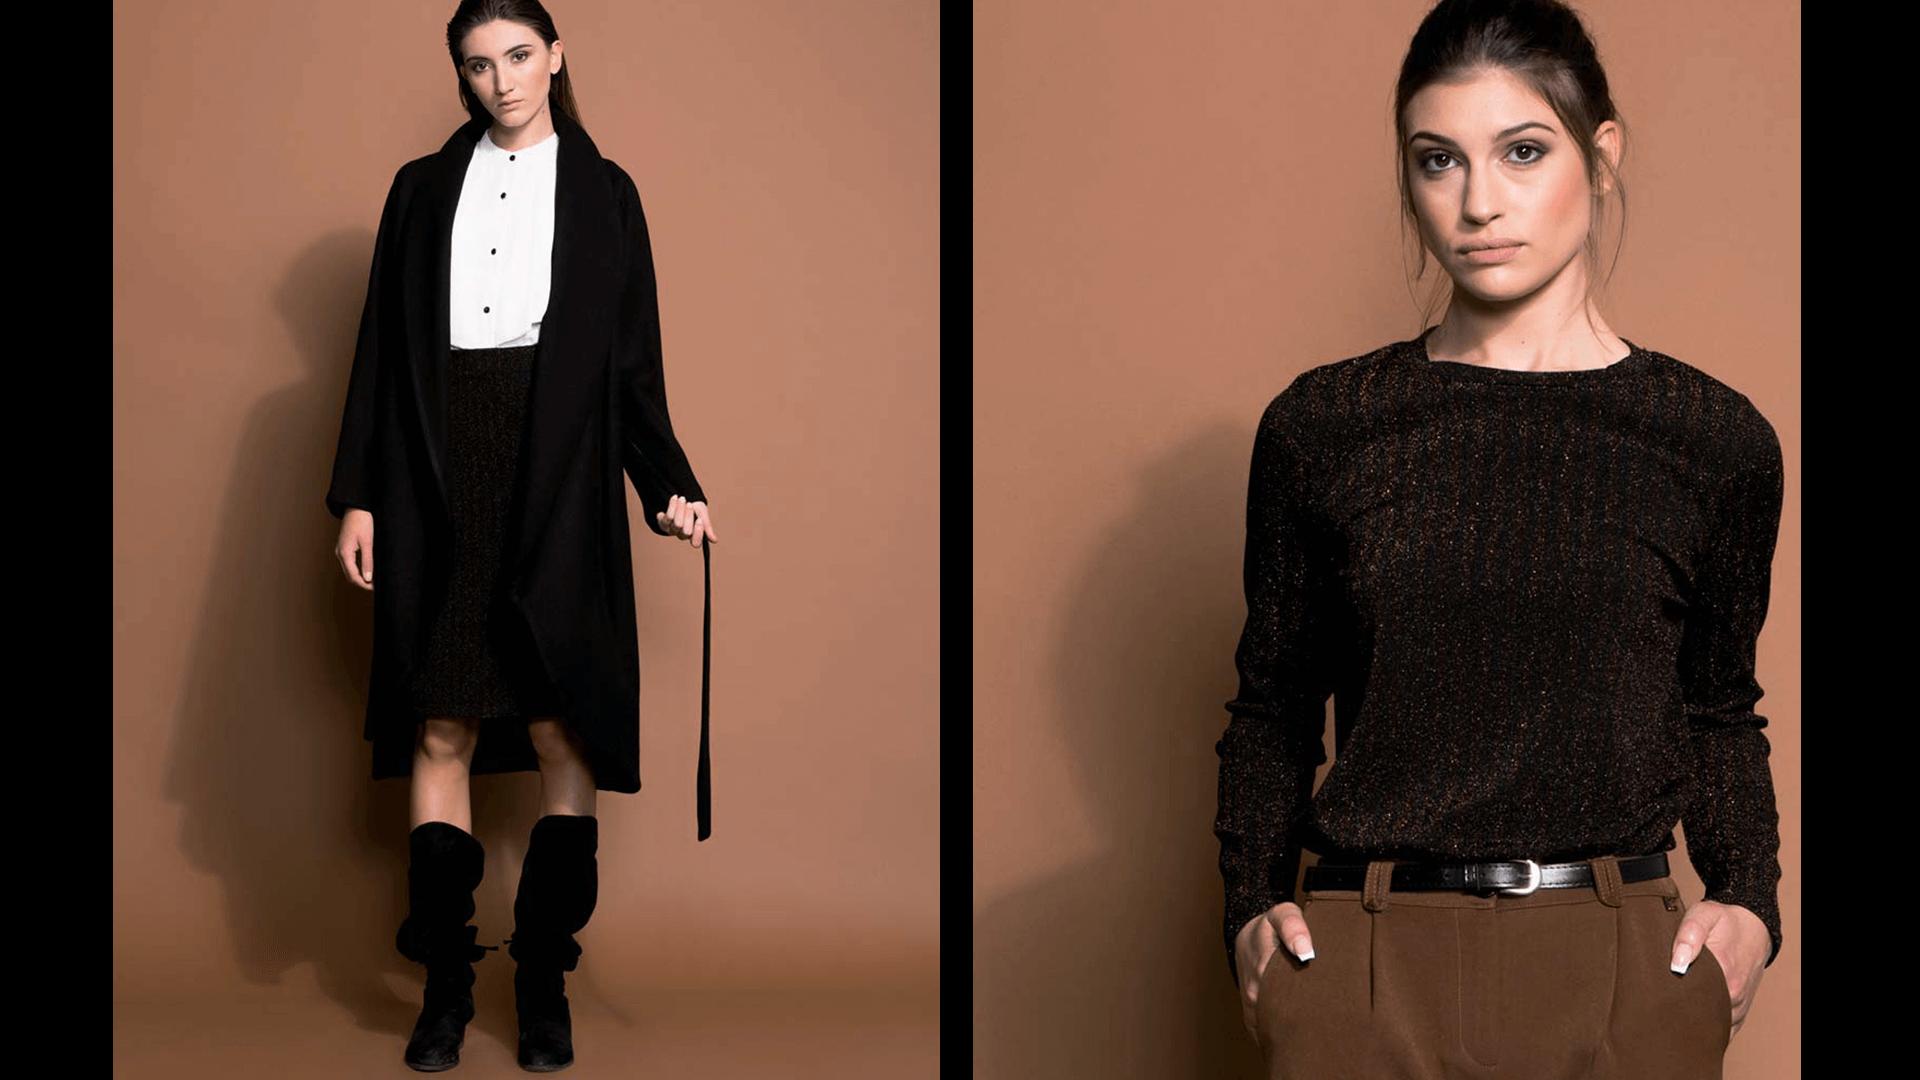 Abbigliamento Coconuda inverno 2018 2019 Cappotto e abbigliamento lurex Coconuda inverno 2018 2019 - Cappotto e abbigliamento lurex Coconuda inverno 2018 2019